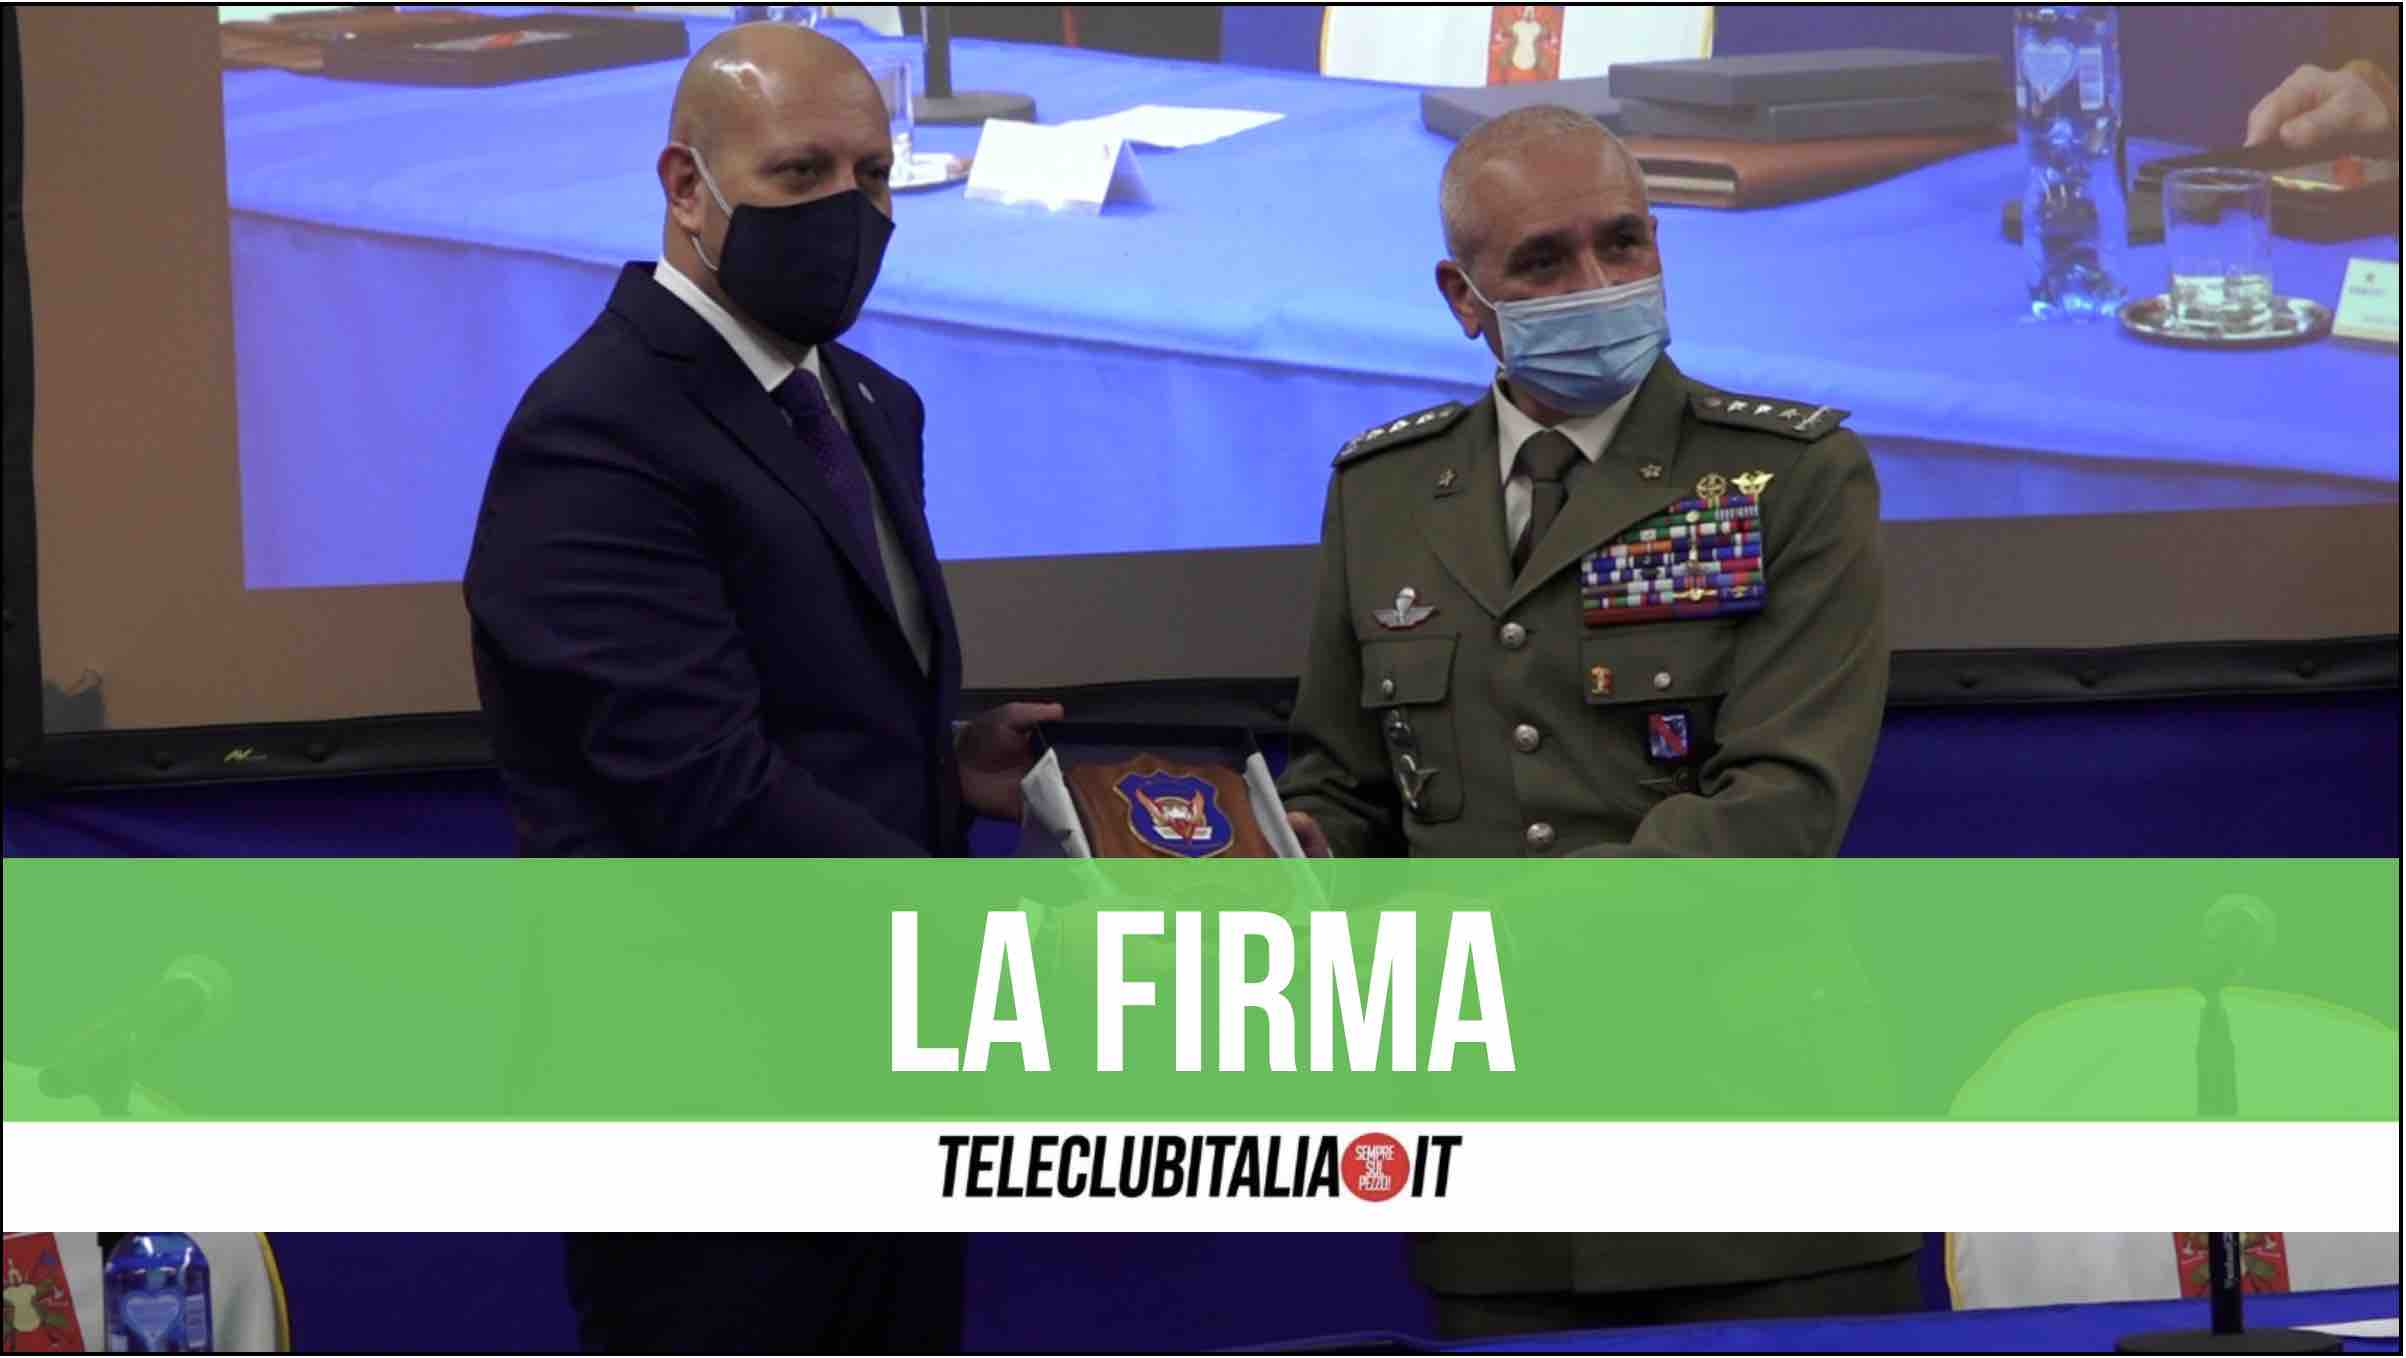 union security giugliano roma esercito ricollocamento